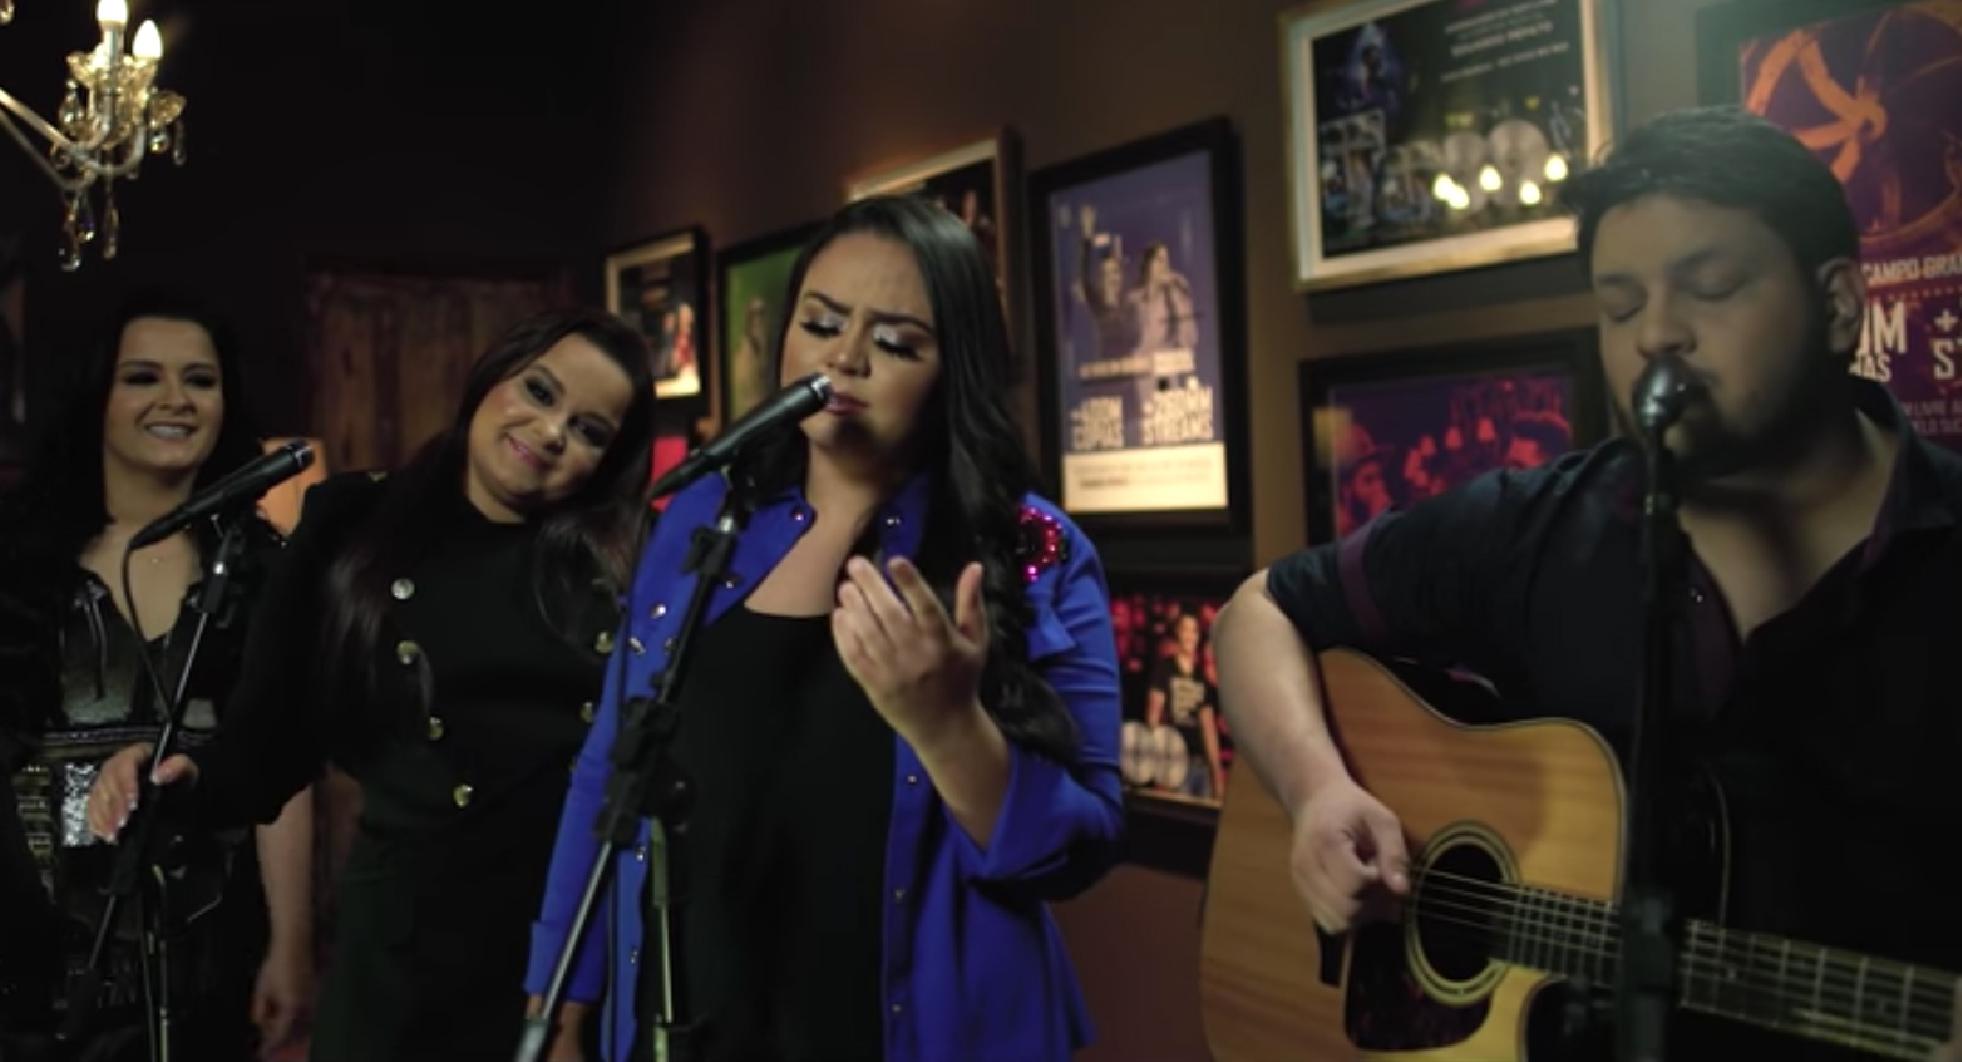 Luiza & Maurílio lançam música com participação de Maiara & Maraisa | Foto: Reprodução / Youtube